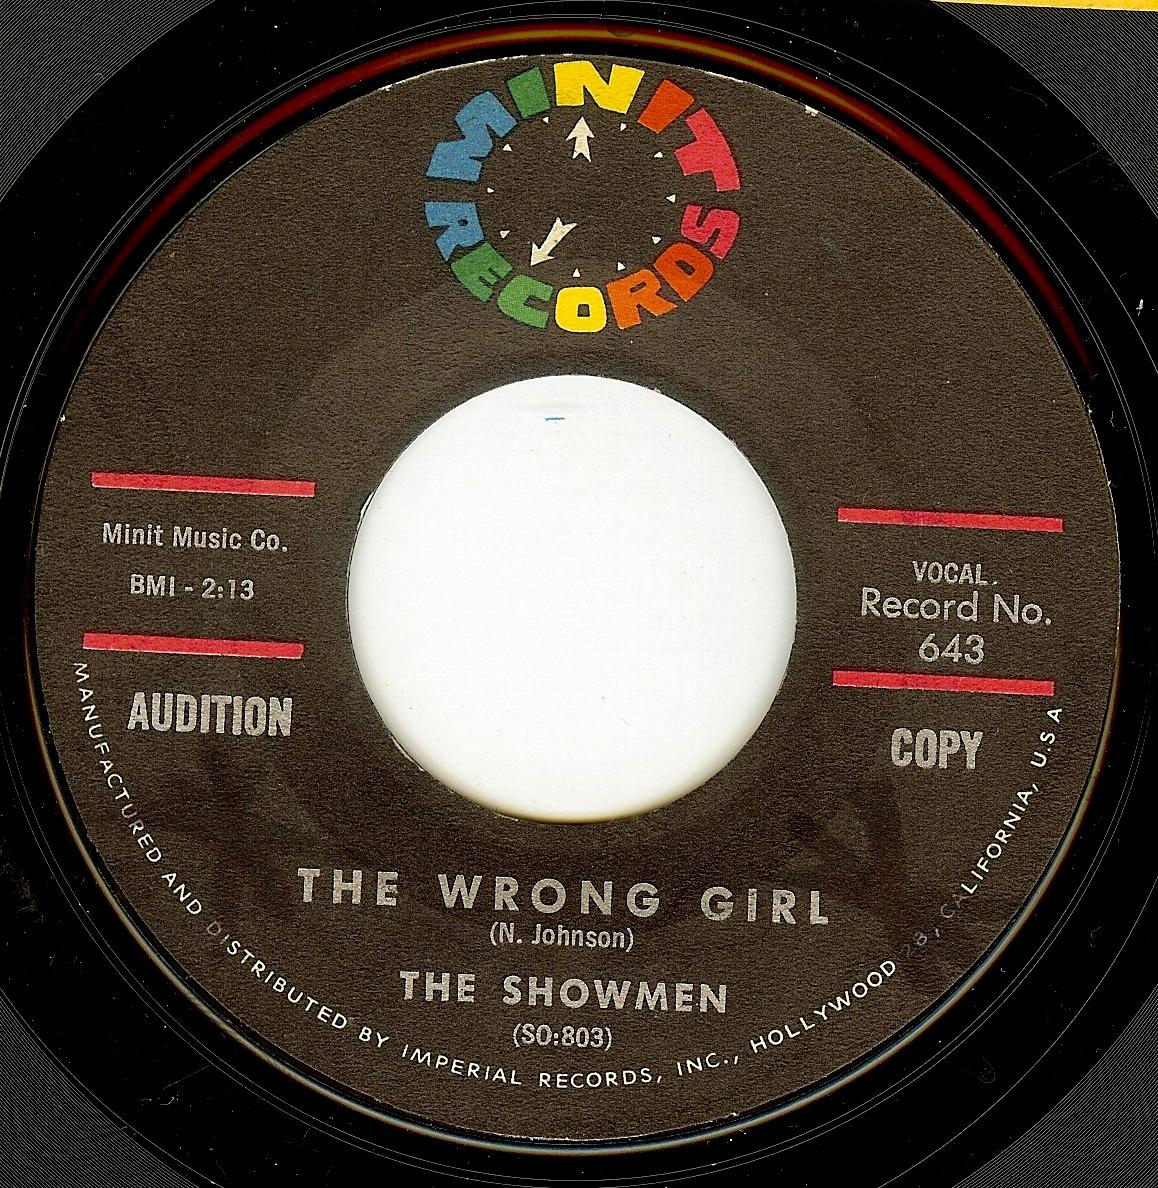 The Showmen The Wrong Girl